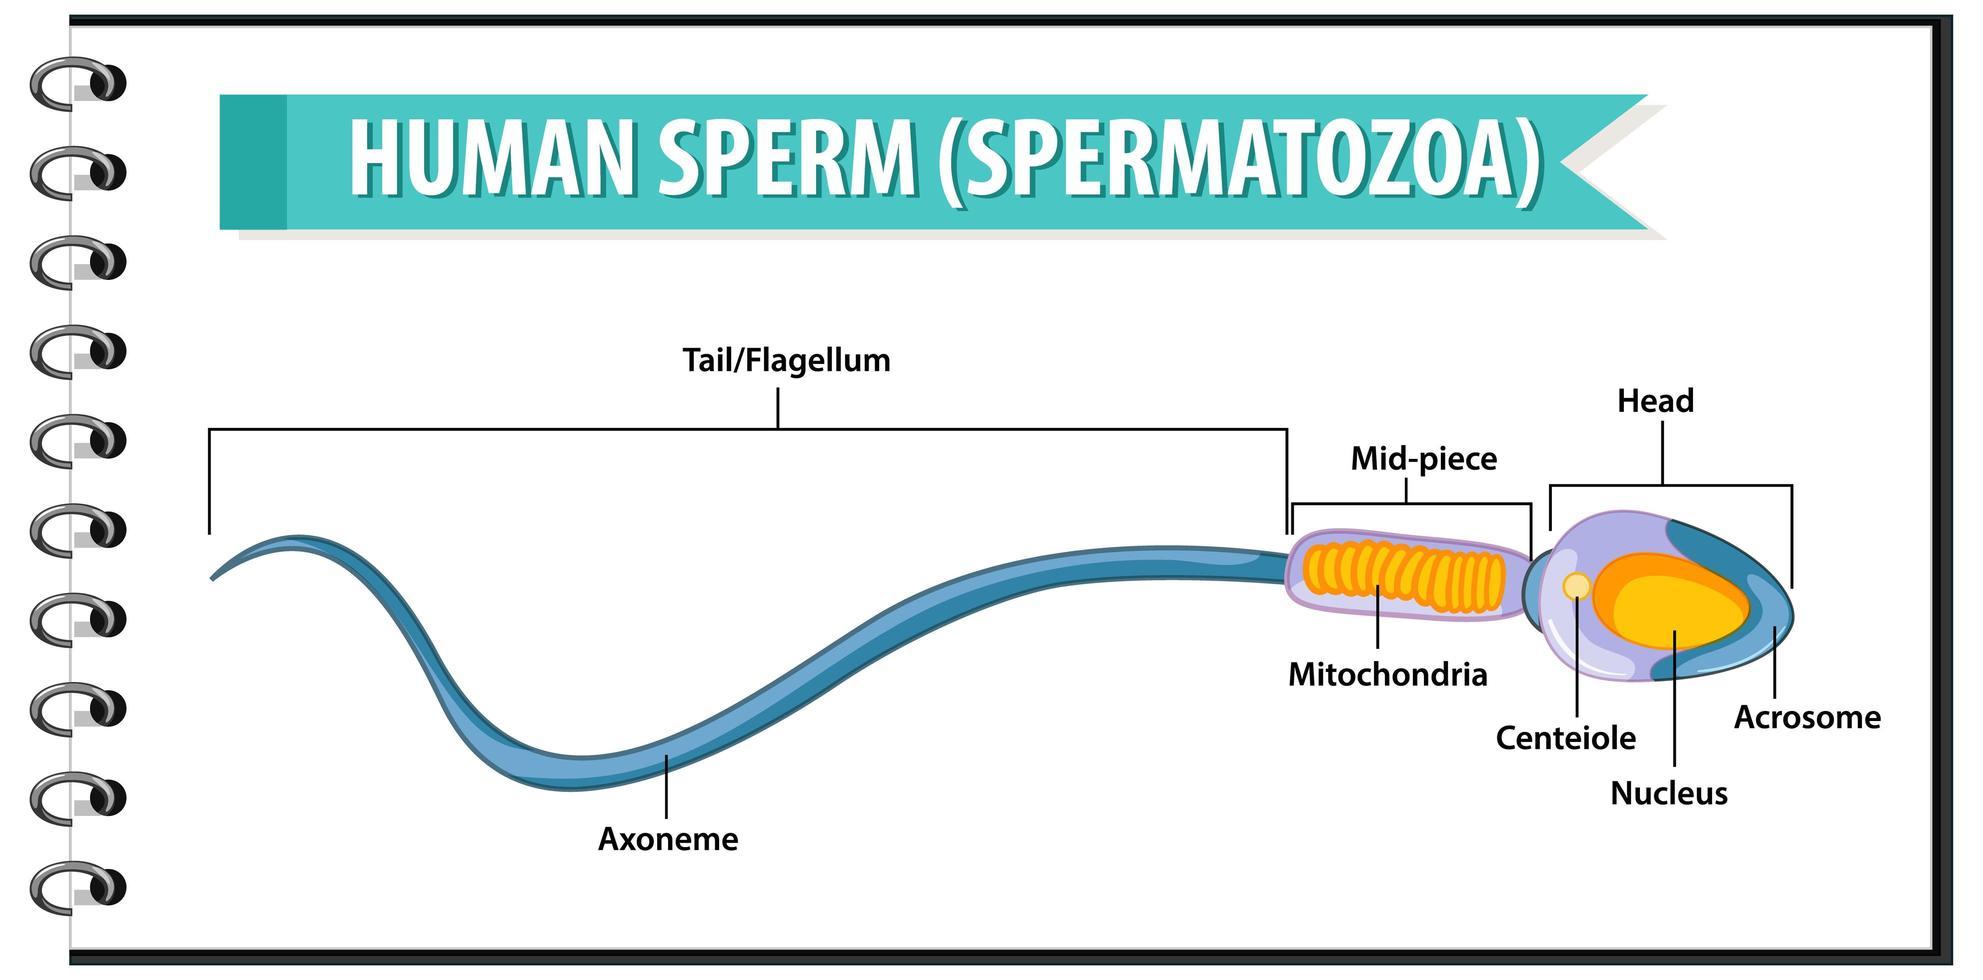 menschliche Spermien oder Spermatozoen-Zellstruktur vektor